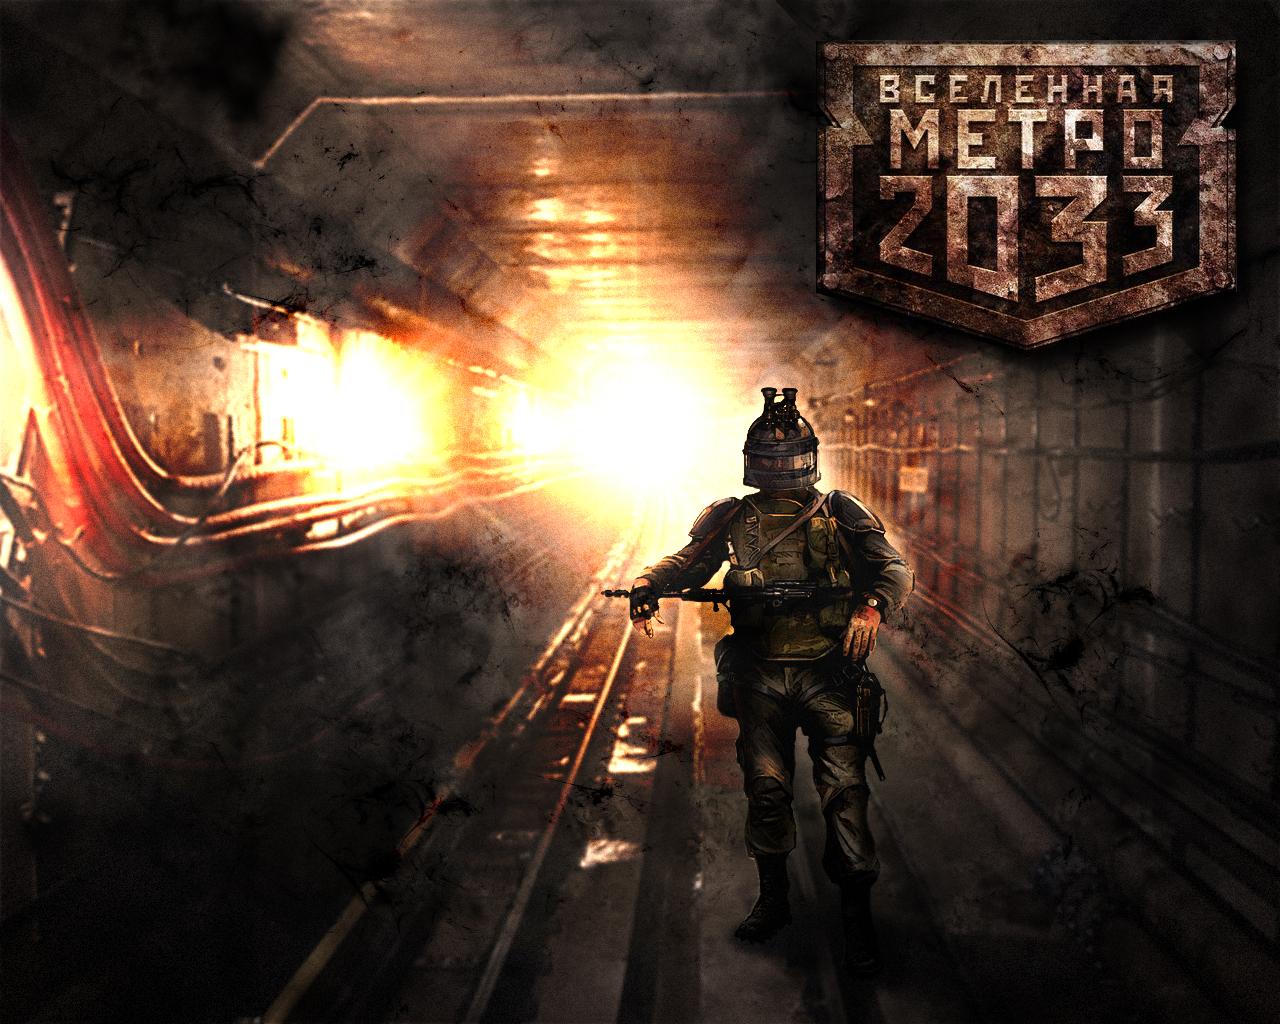 Вселенная метро 2033 скачать бесплатно - da